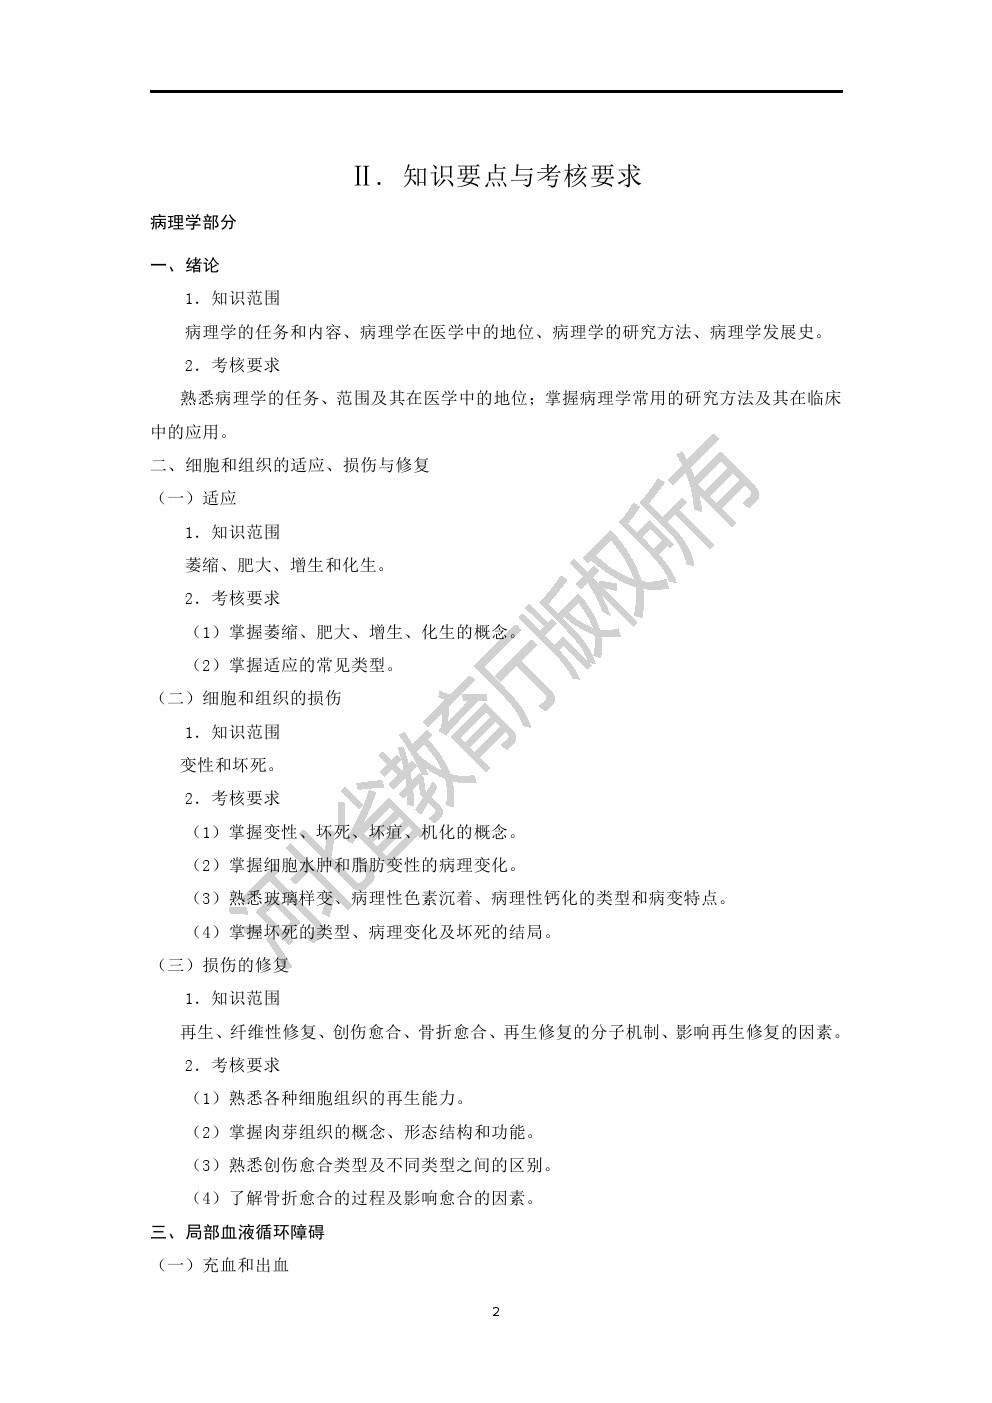 2020年河北省专接本考试医学类-医学影像技术专业考试说明(病理学、人体解剖学)